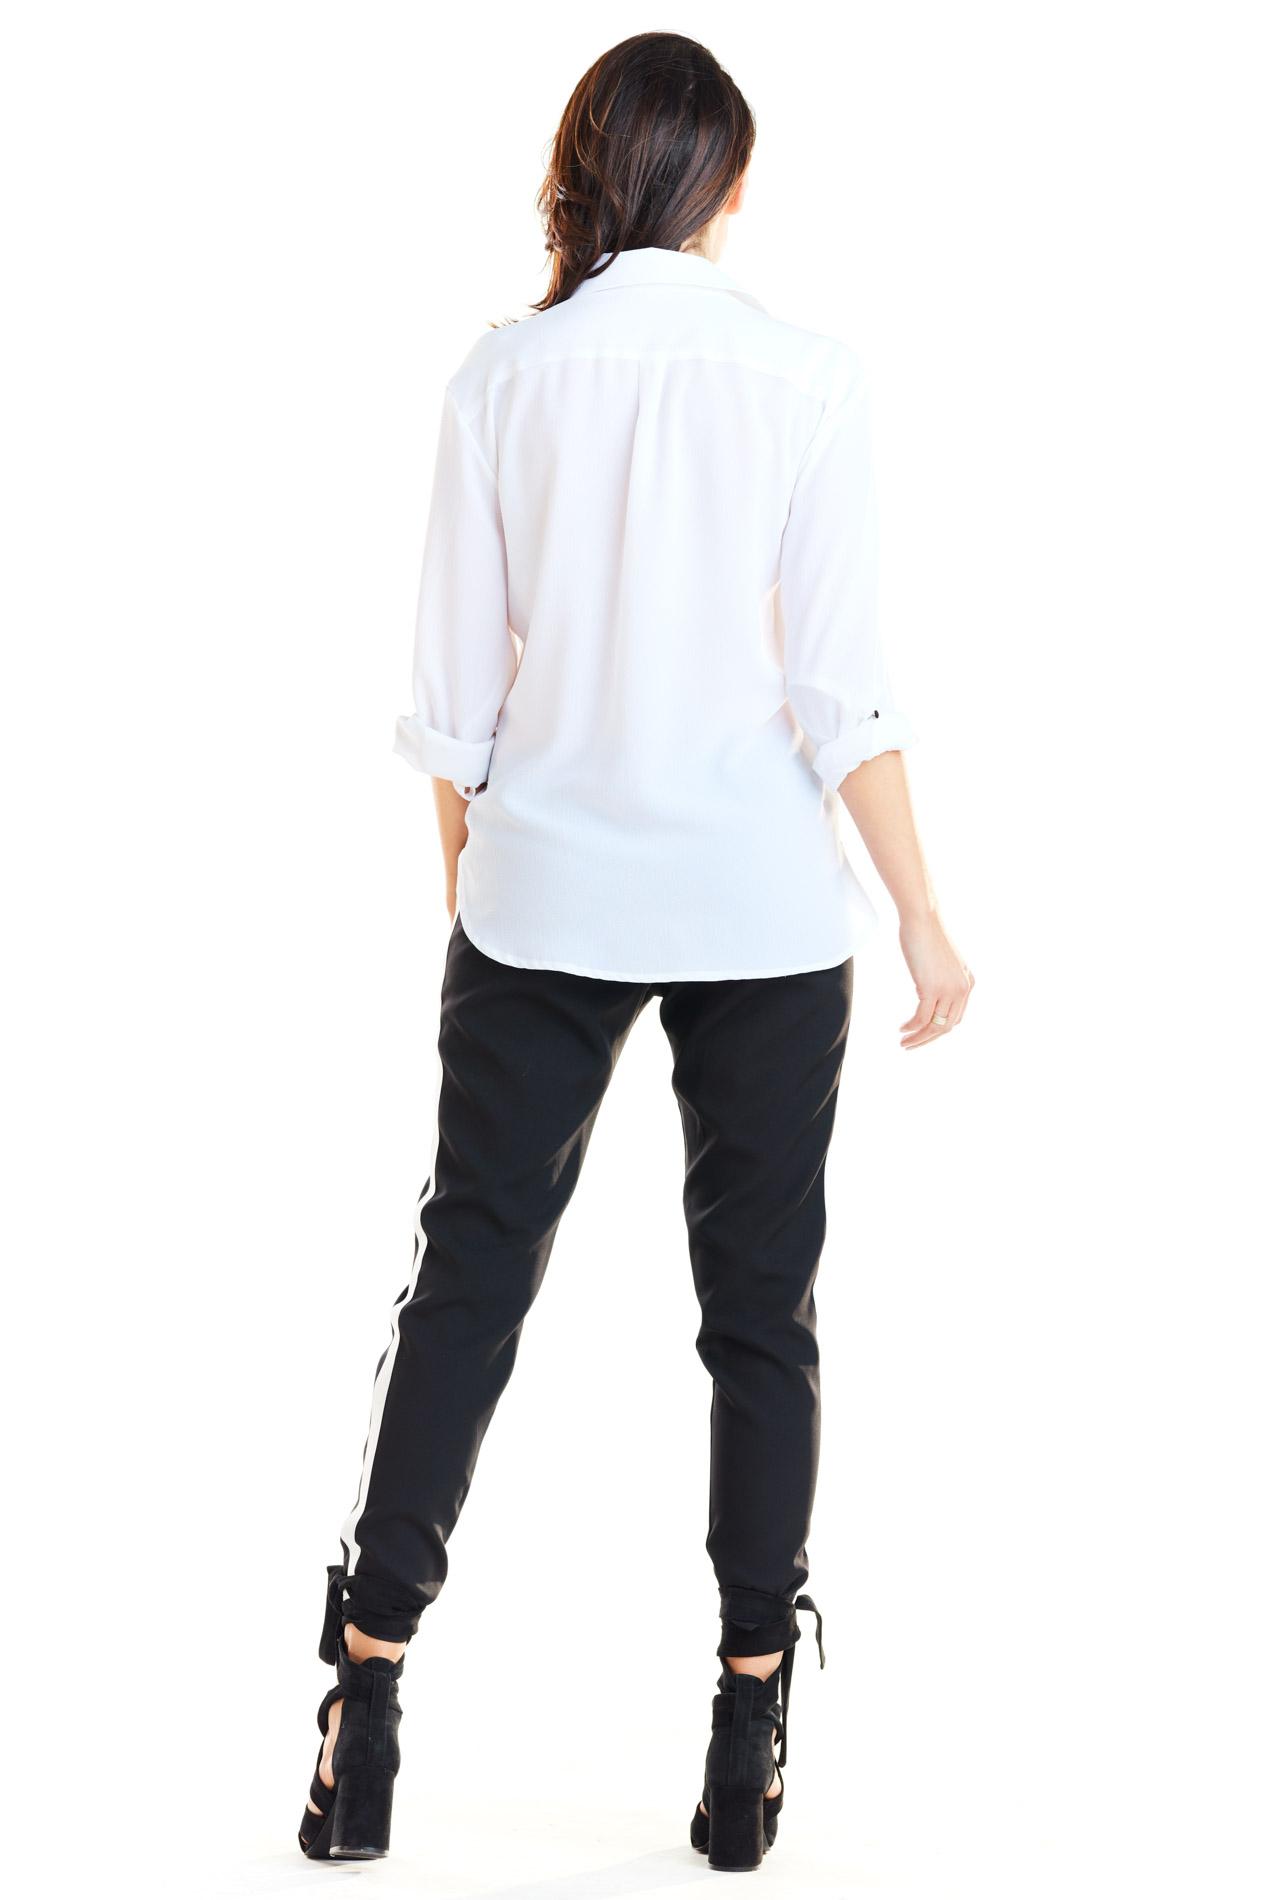 CM4181 Casualowe spodnie na co dzień - czarne